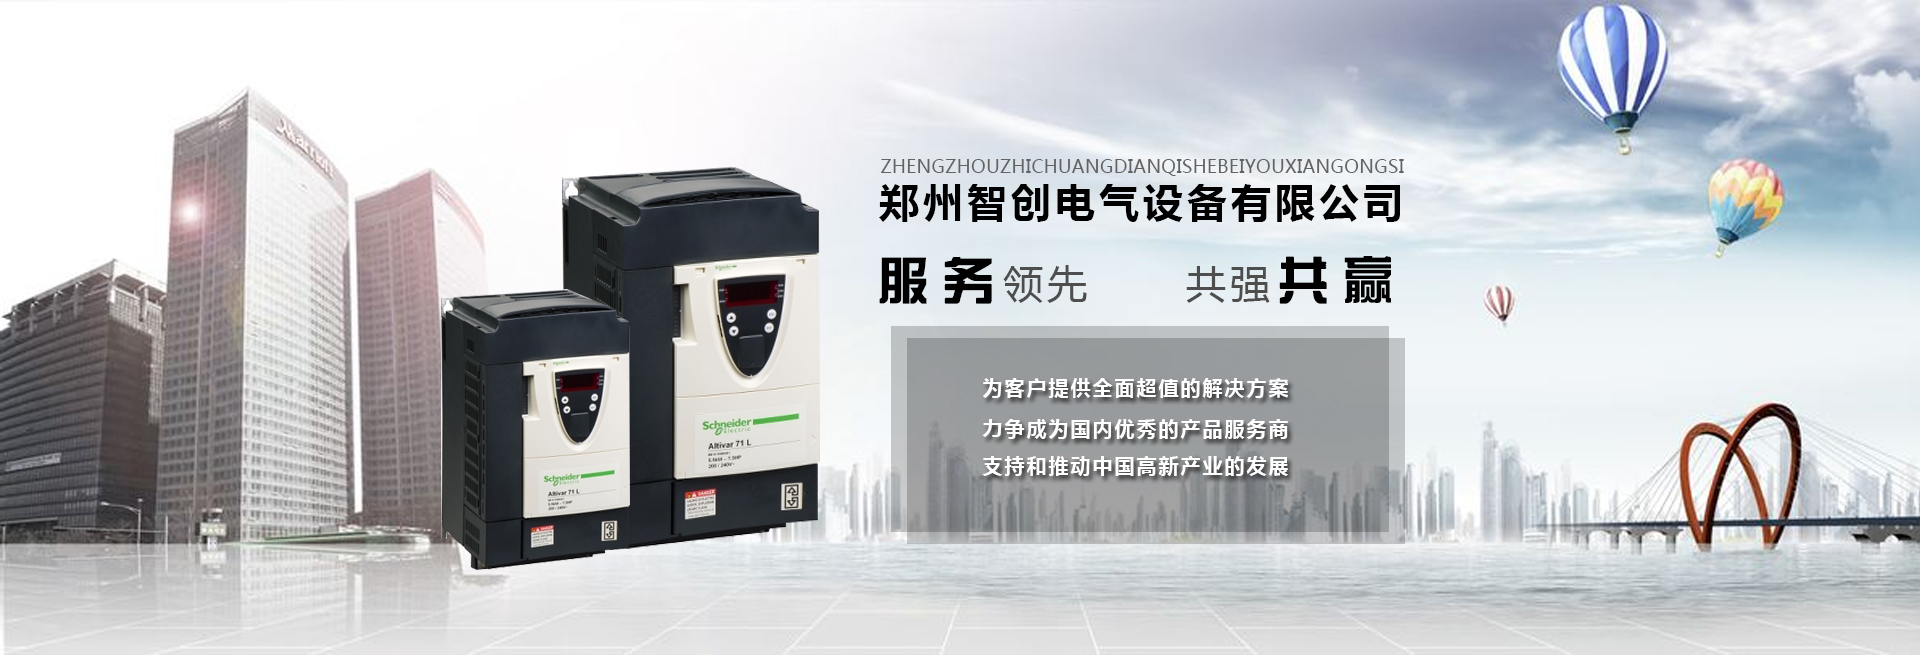 郑州变频器厂家